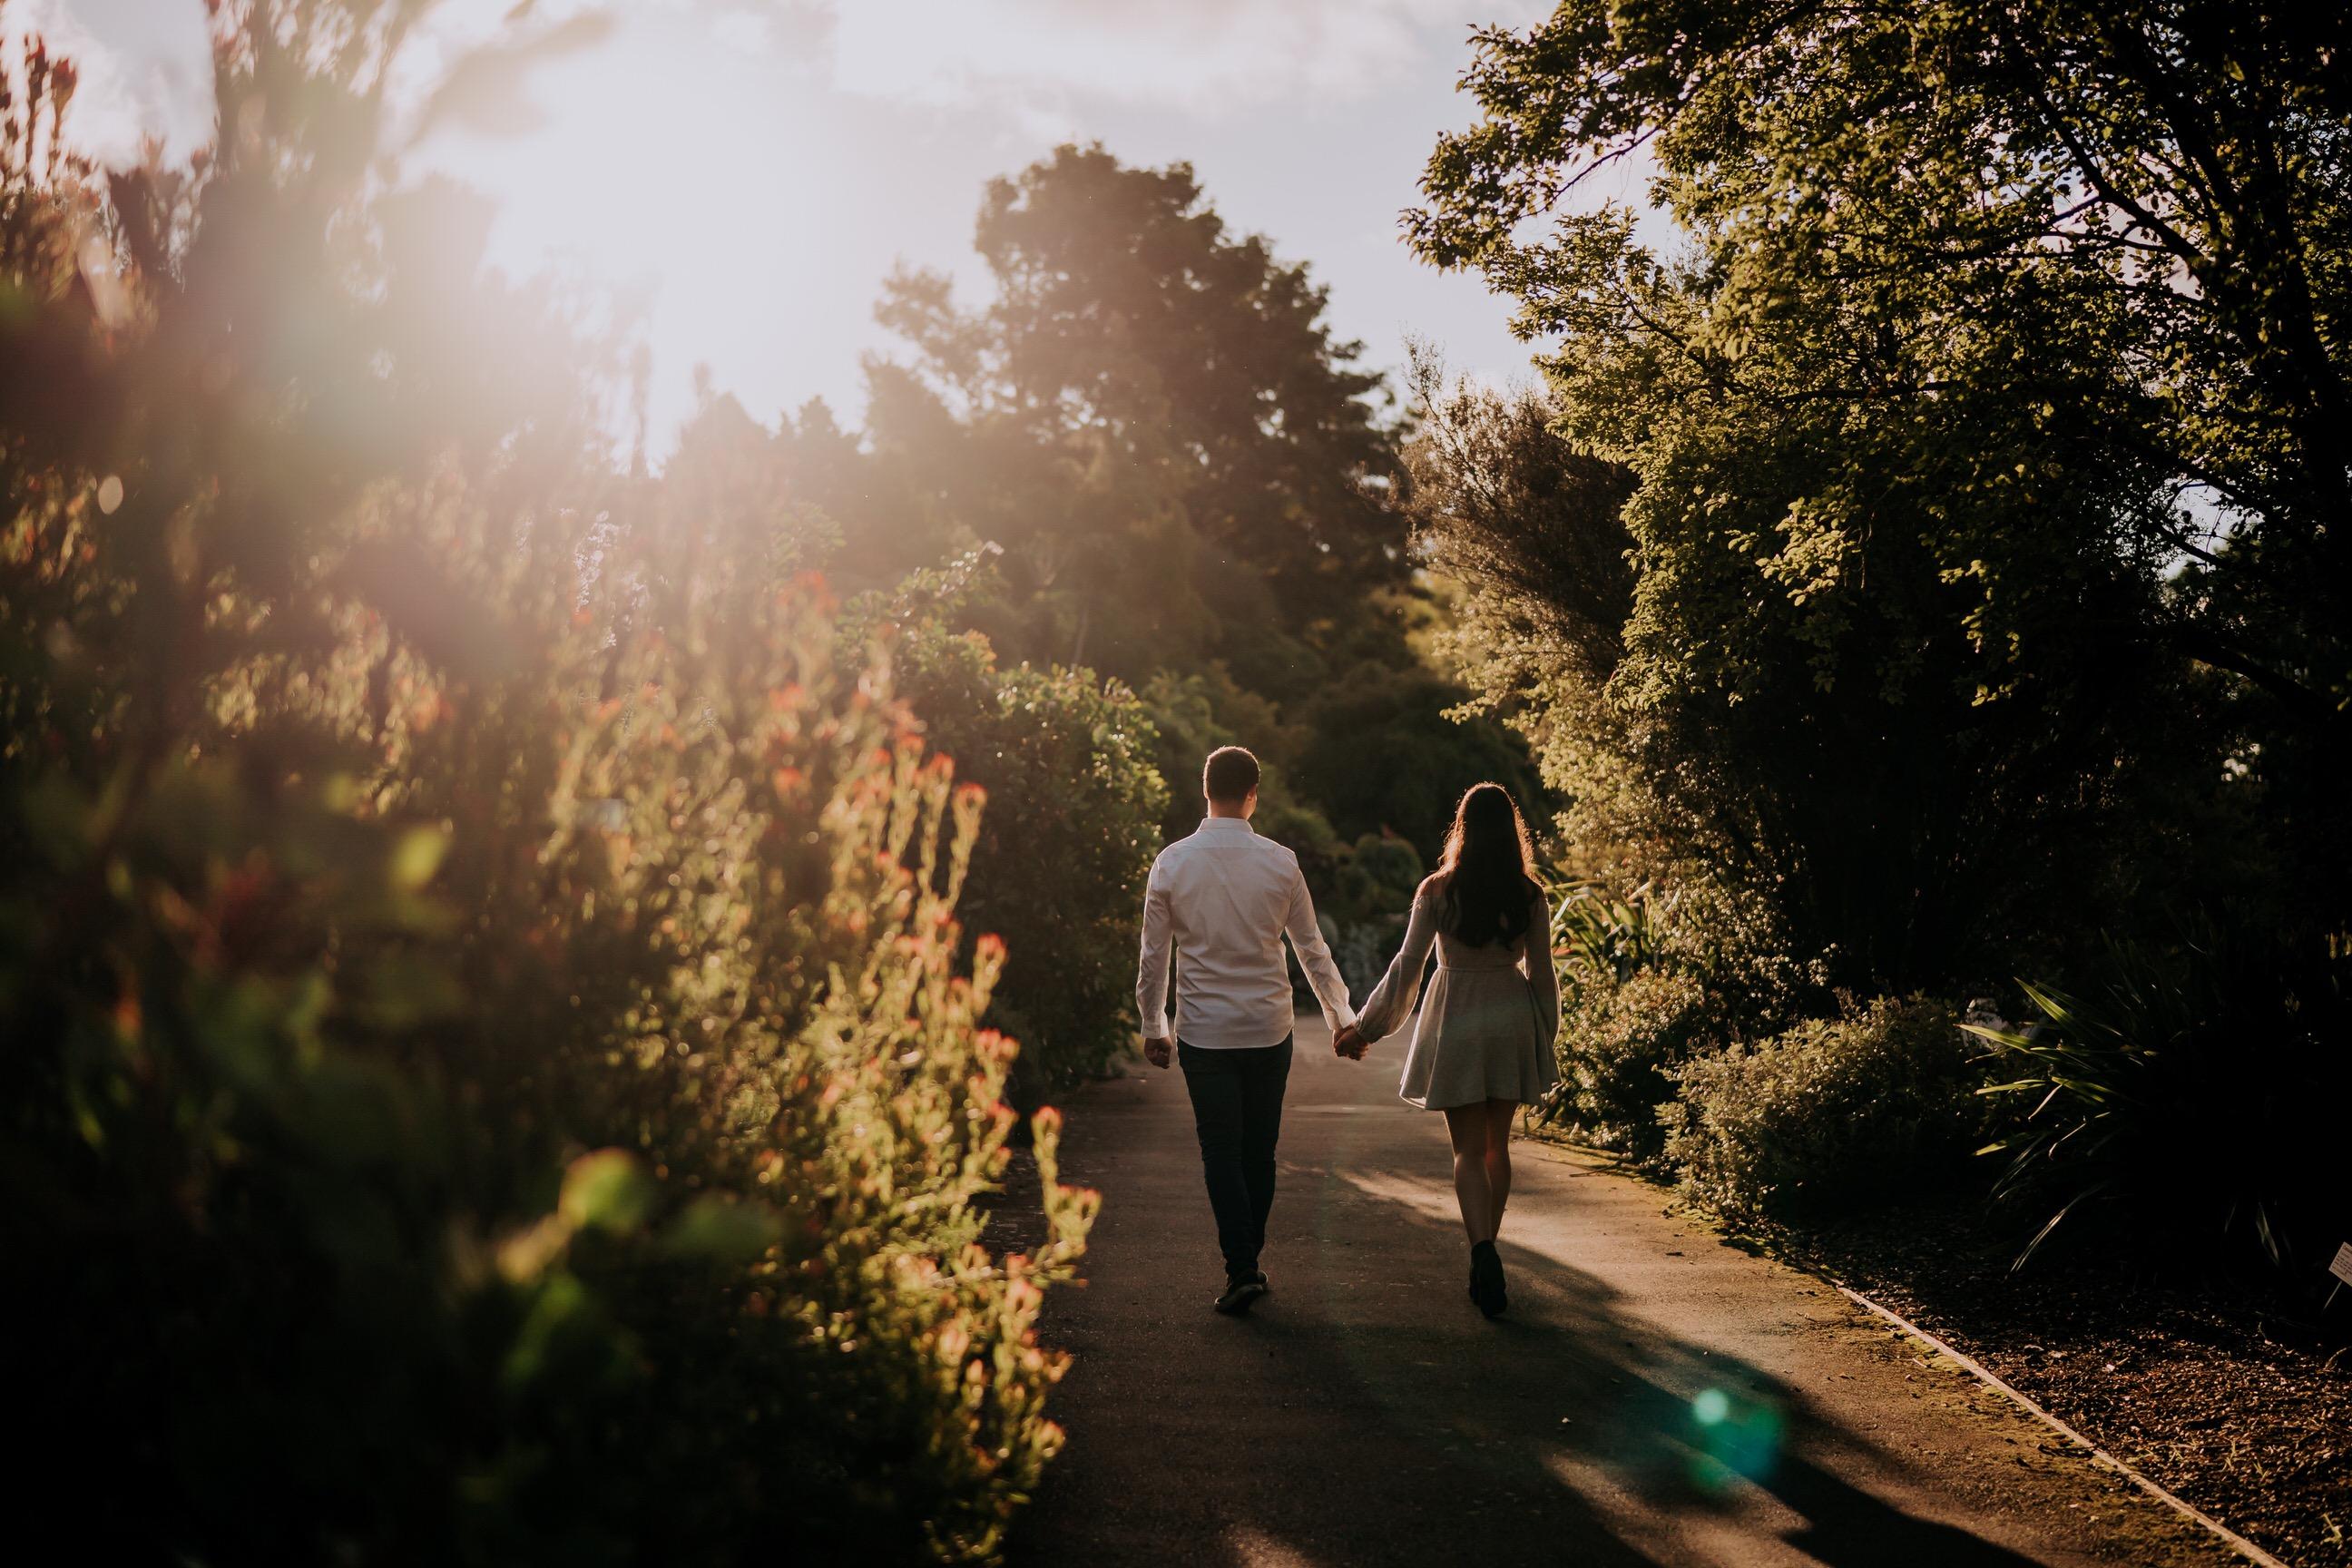 ava-me-photography-mikaela-jesse-mt-tomah-blue-mountains-botanic-gardens-engagement-2